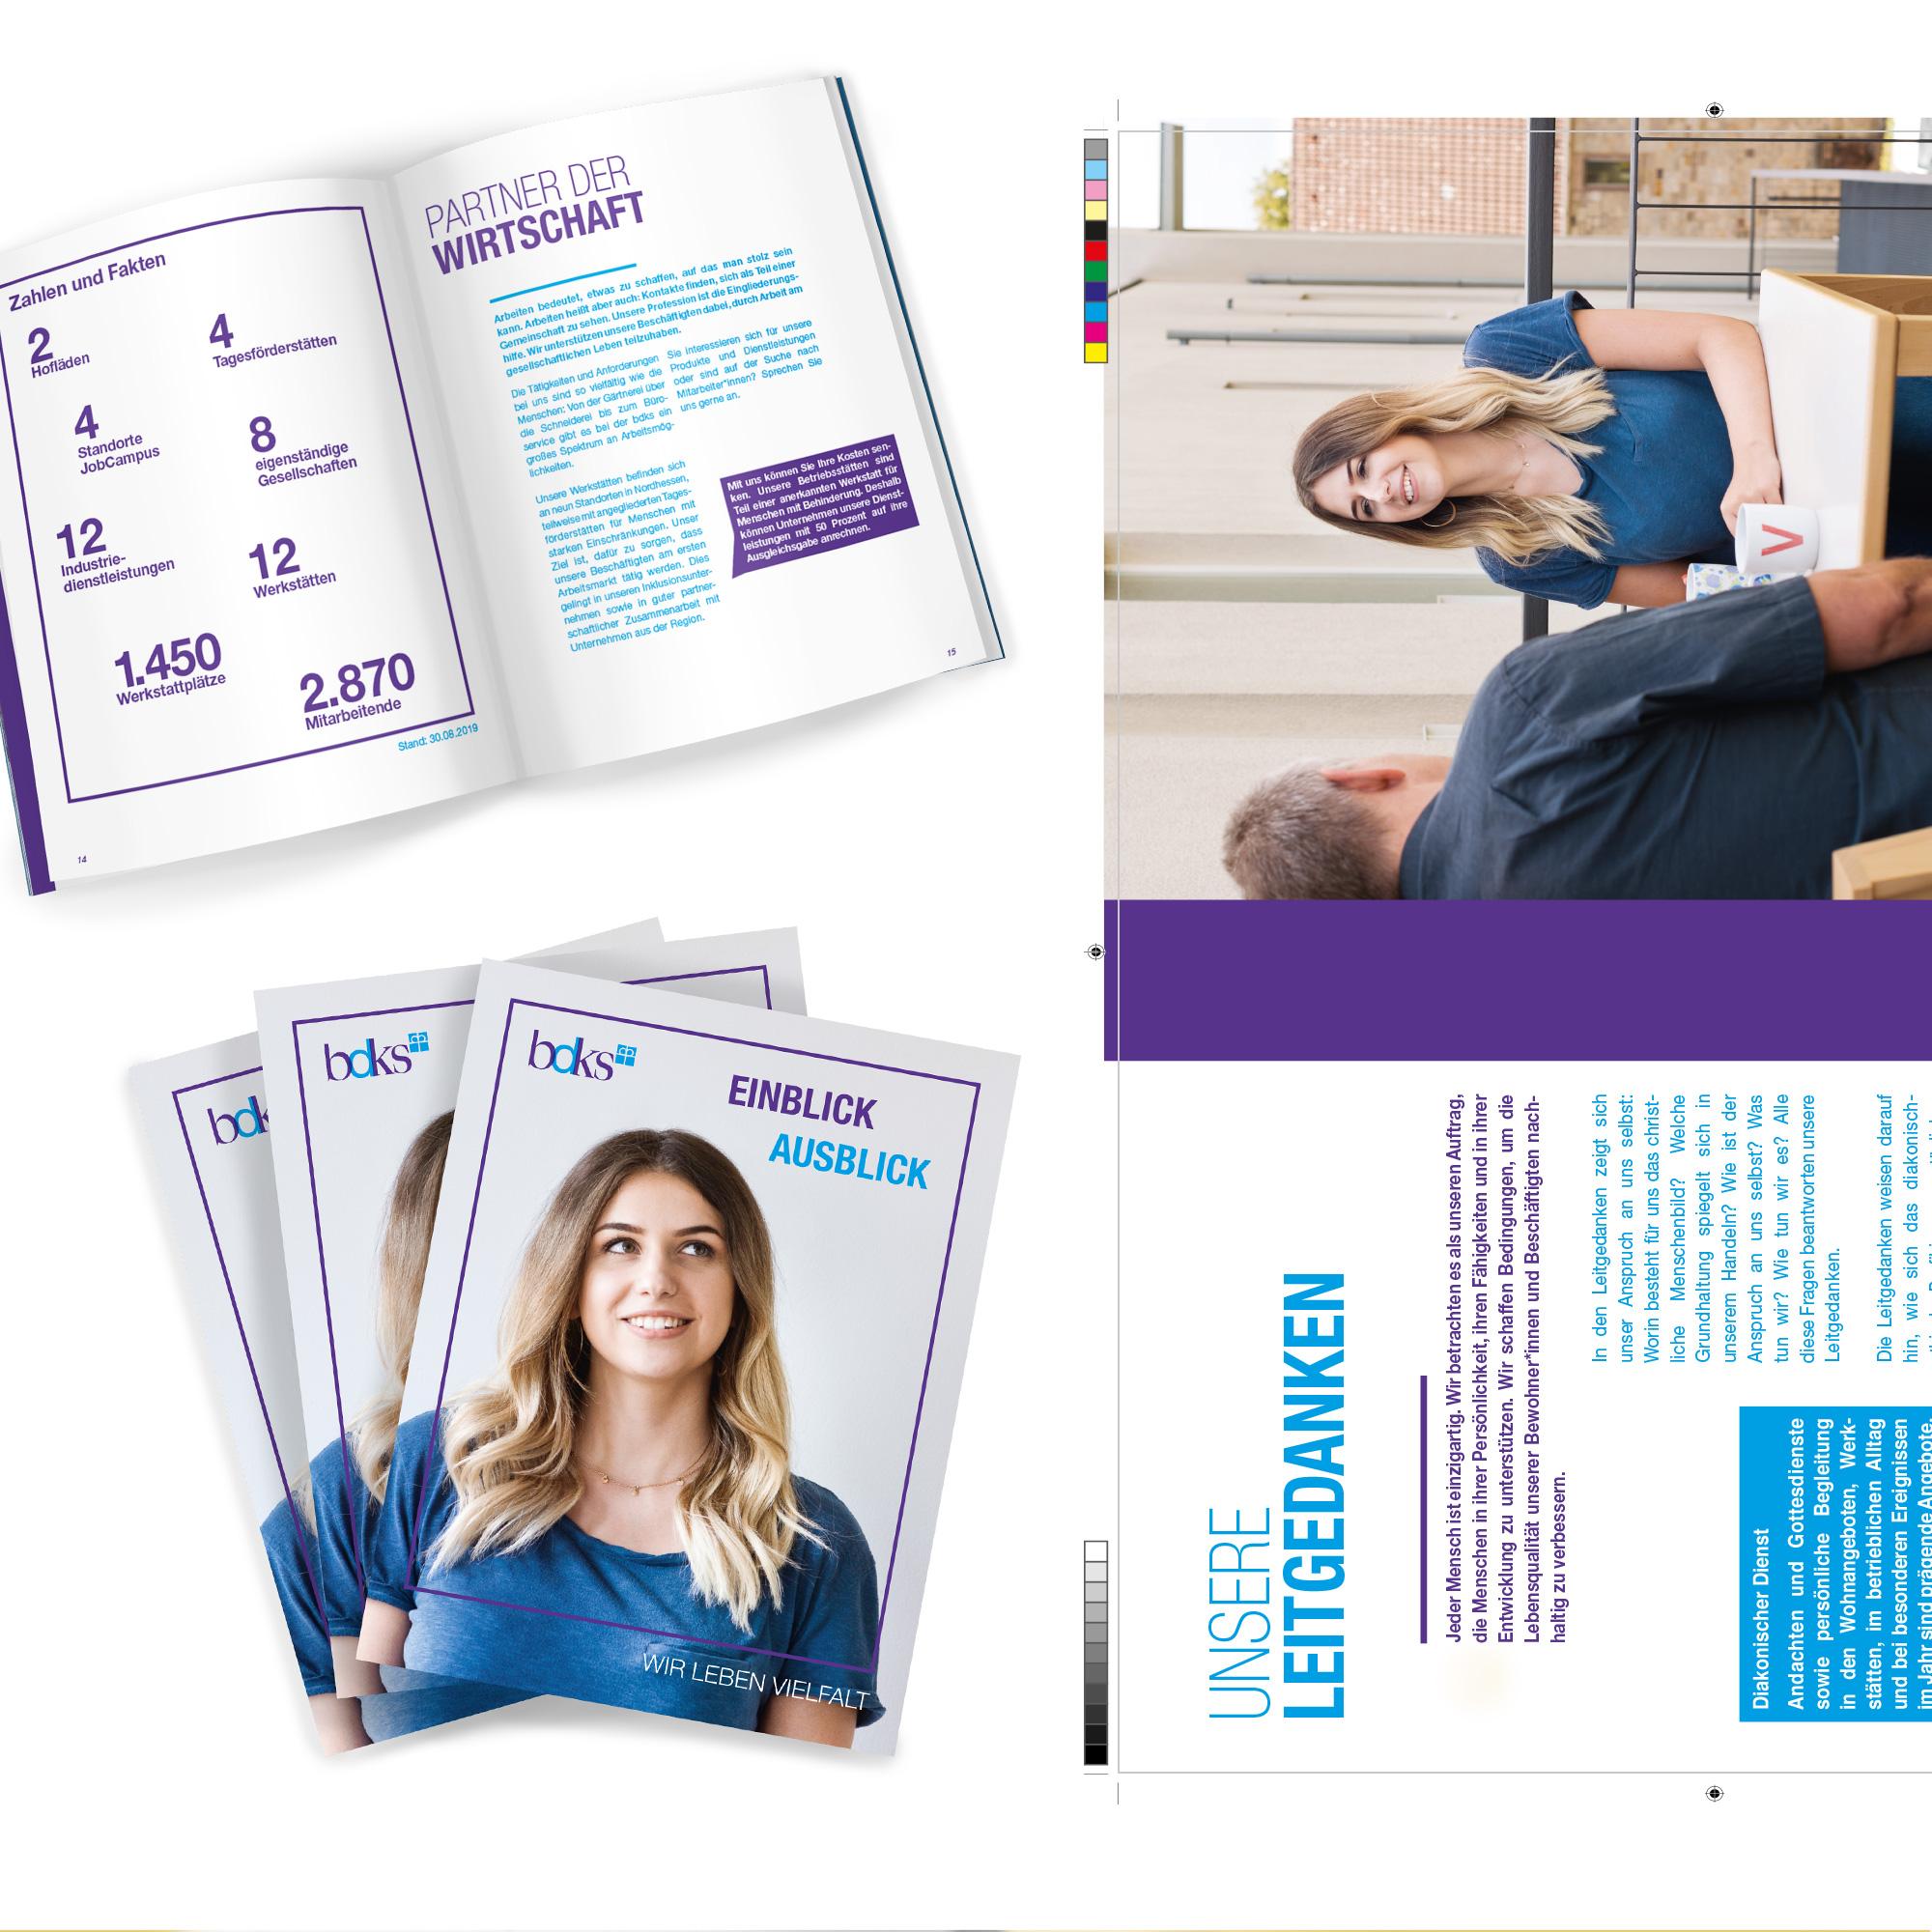 Verschiedene Innenseiten und das Titelmotiv der bdks-Imagebroschüre Werbeagentur formtugend